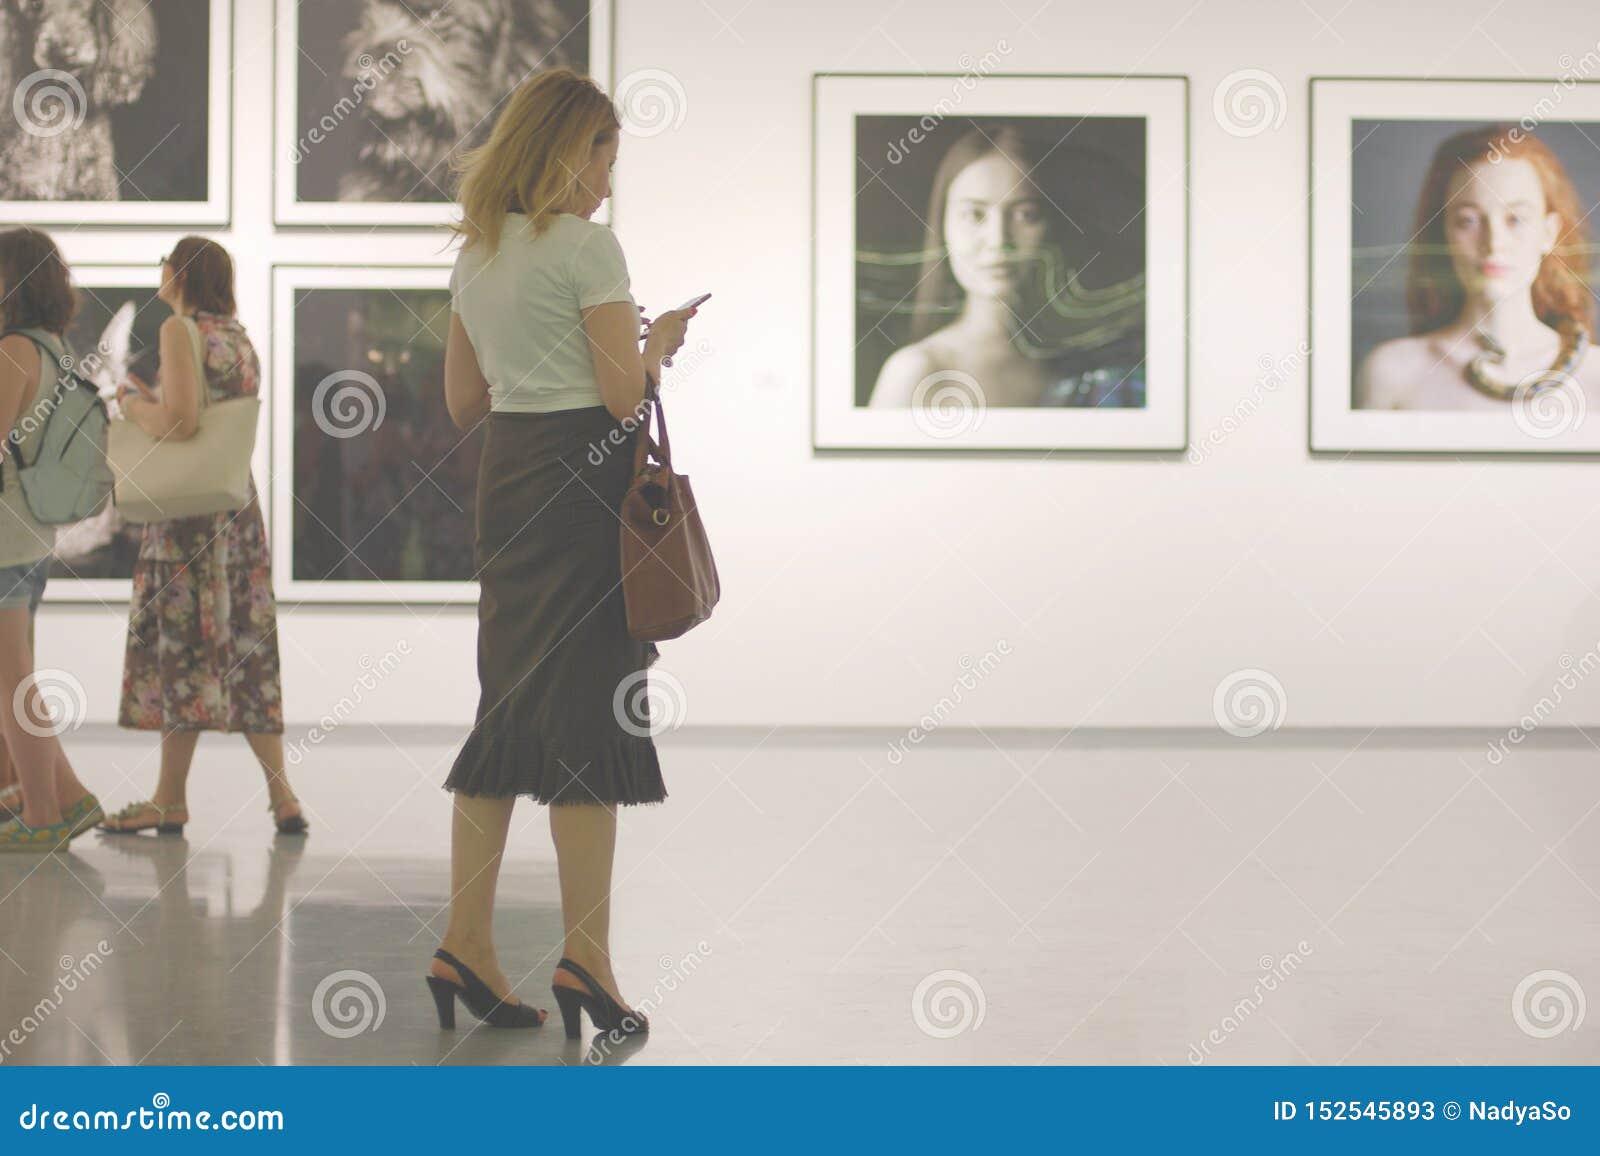 Idea di dipendenza del telefono cellulare La donna in galleria di foto non ascolta ma per mezzo del suo smartphone